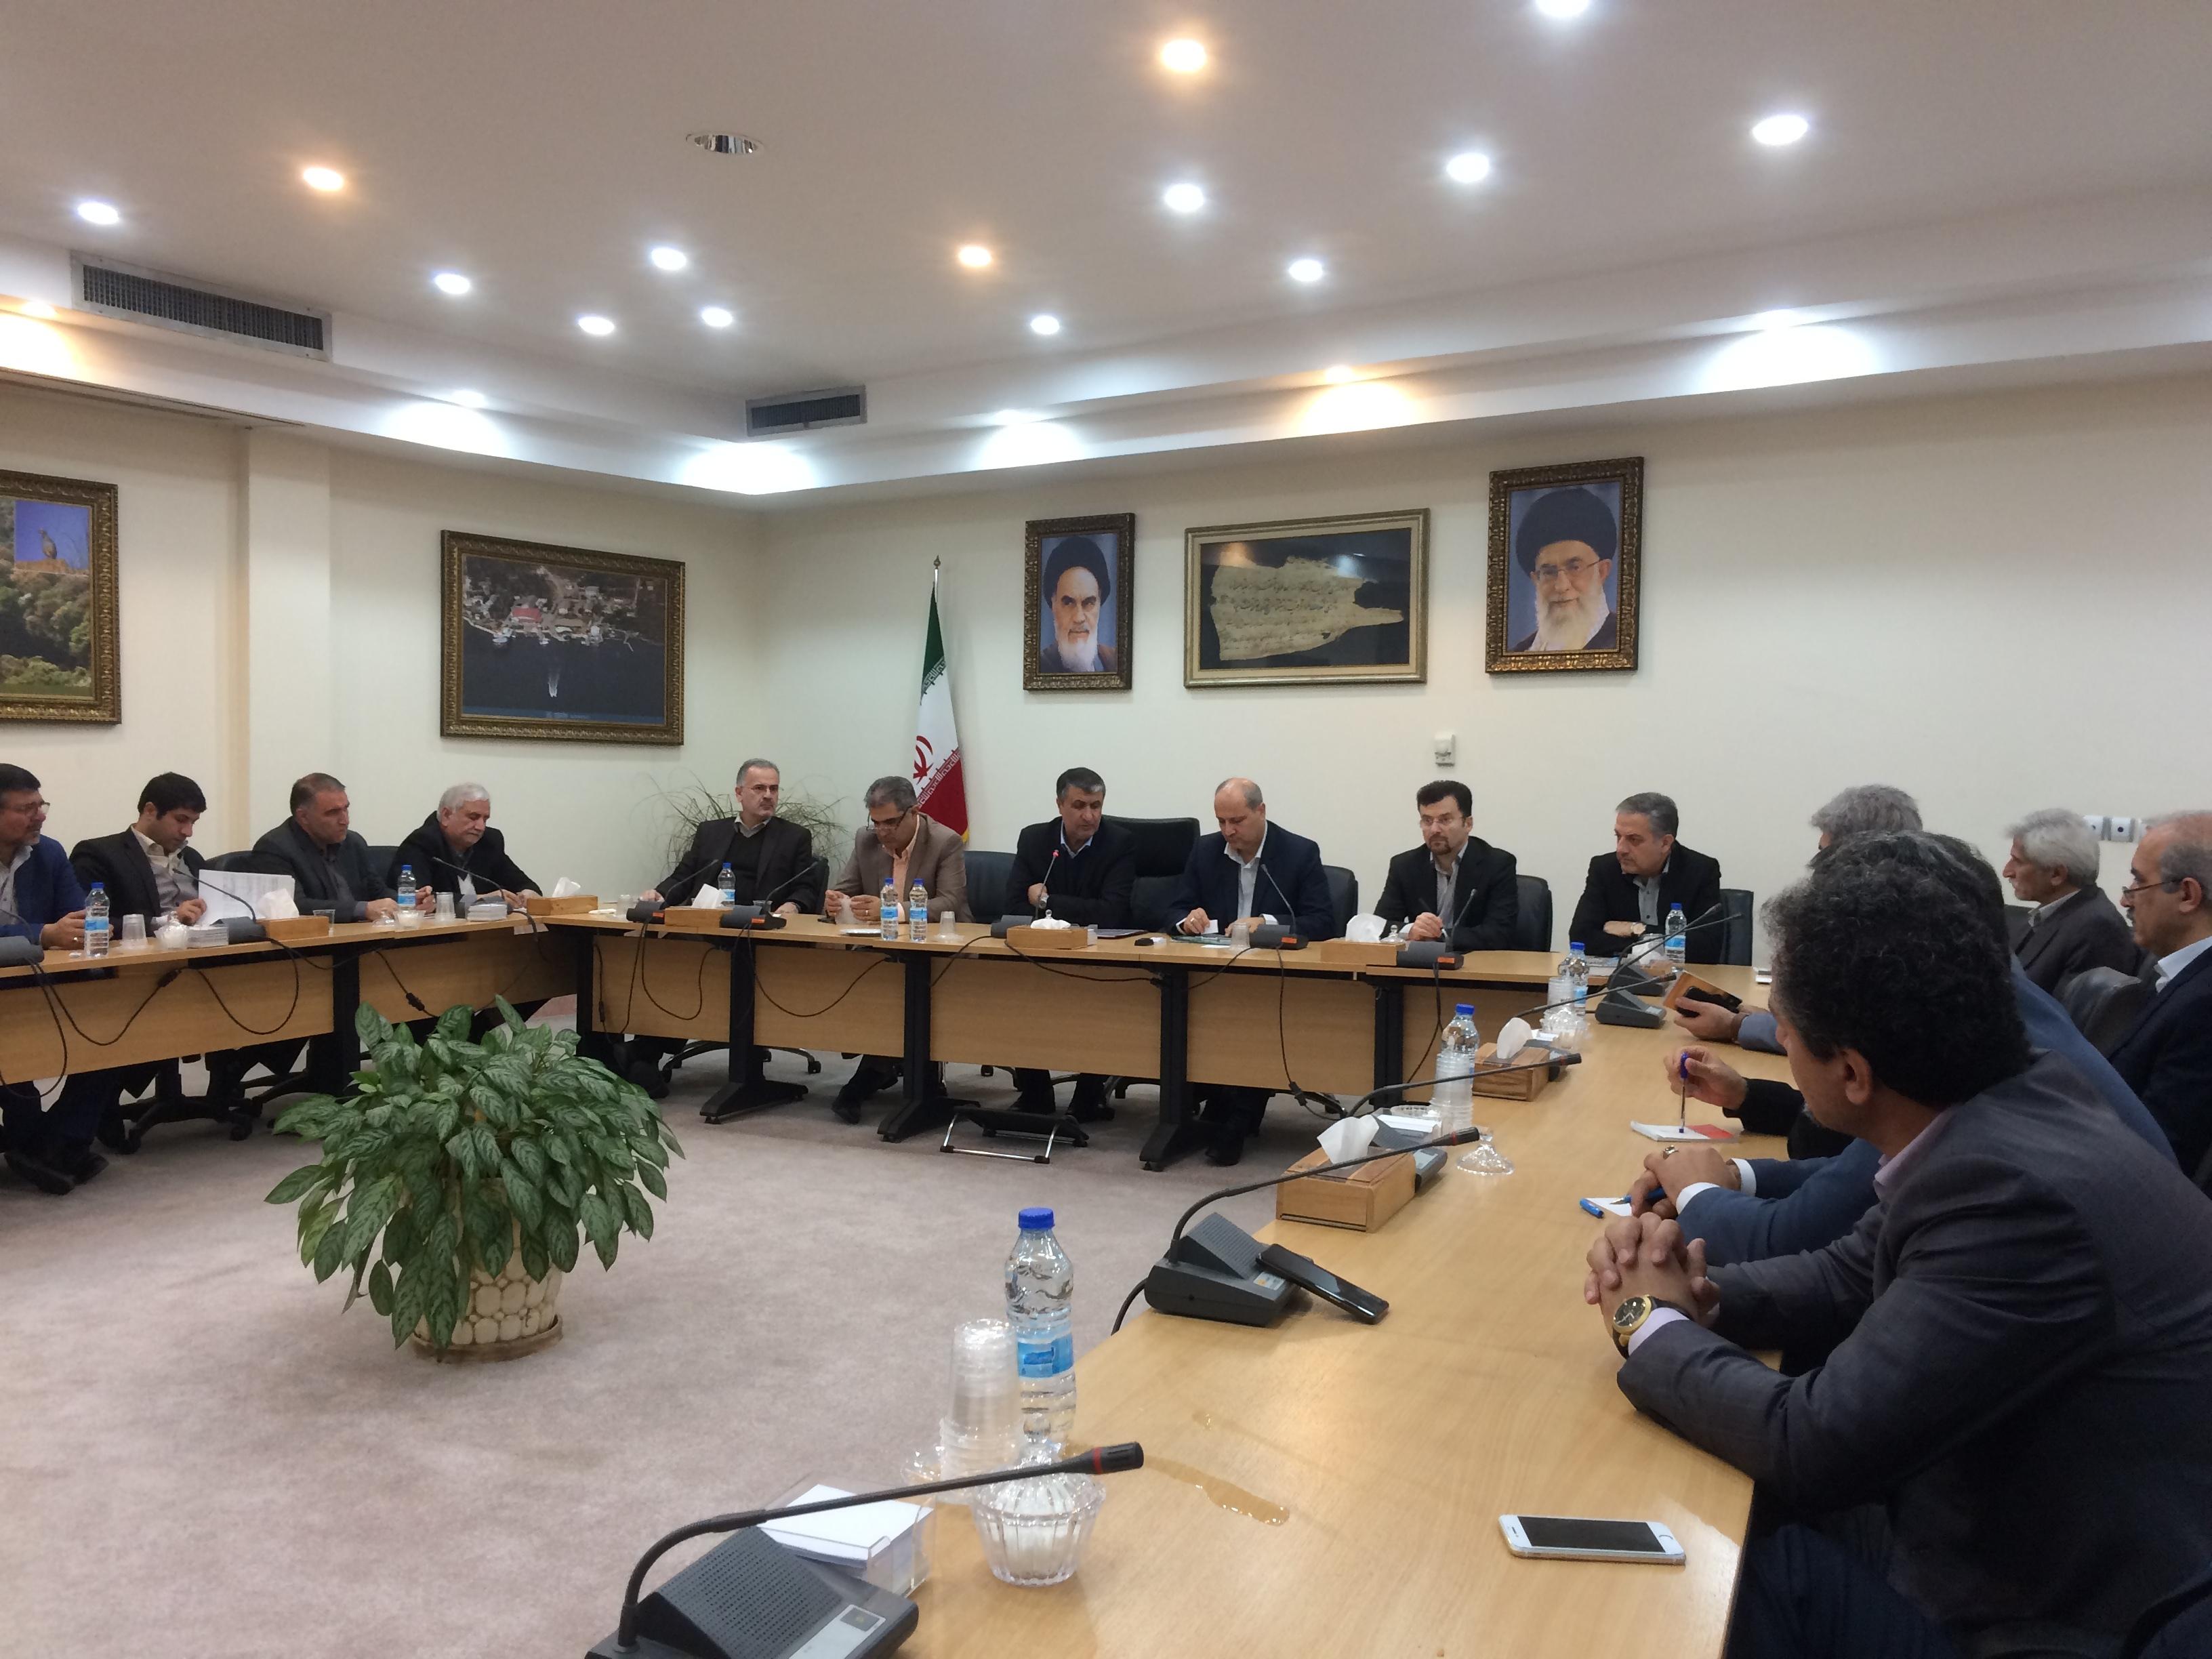 اجرای برقی کردن راه آهن اینچه برون ـ تهران بزودی با همکاری روس ها